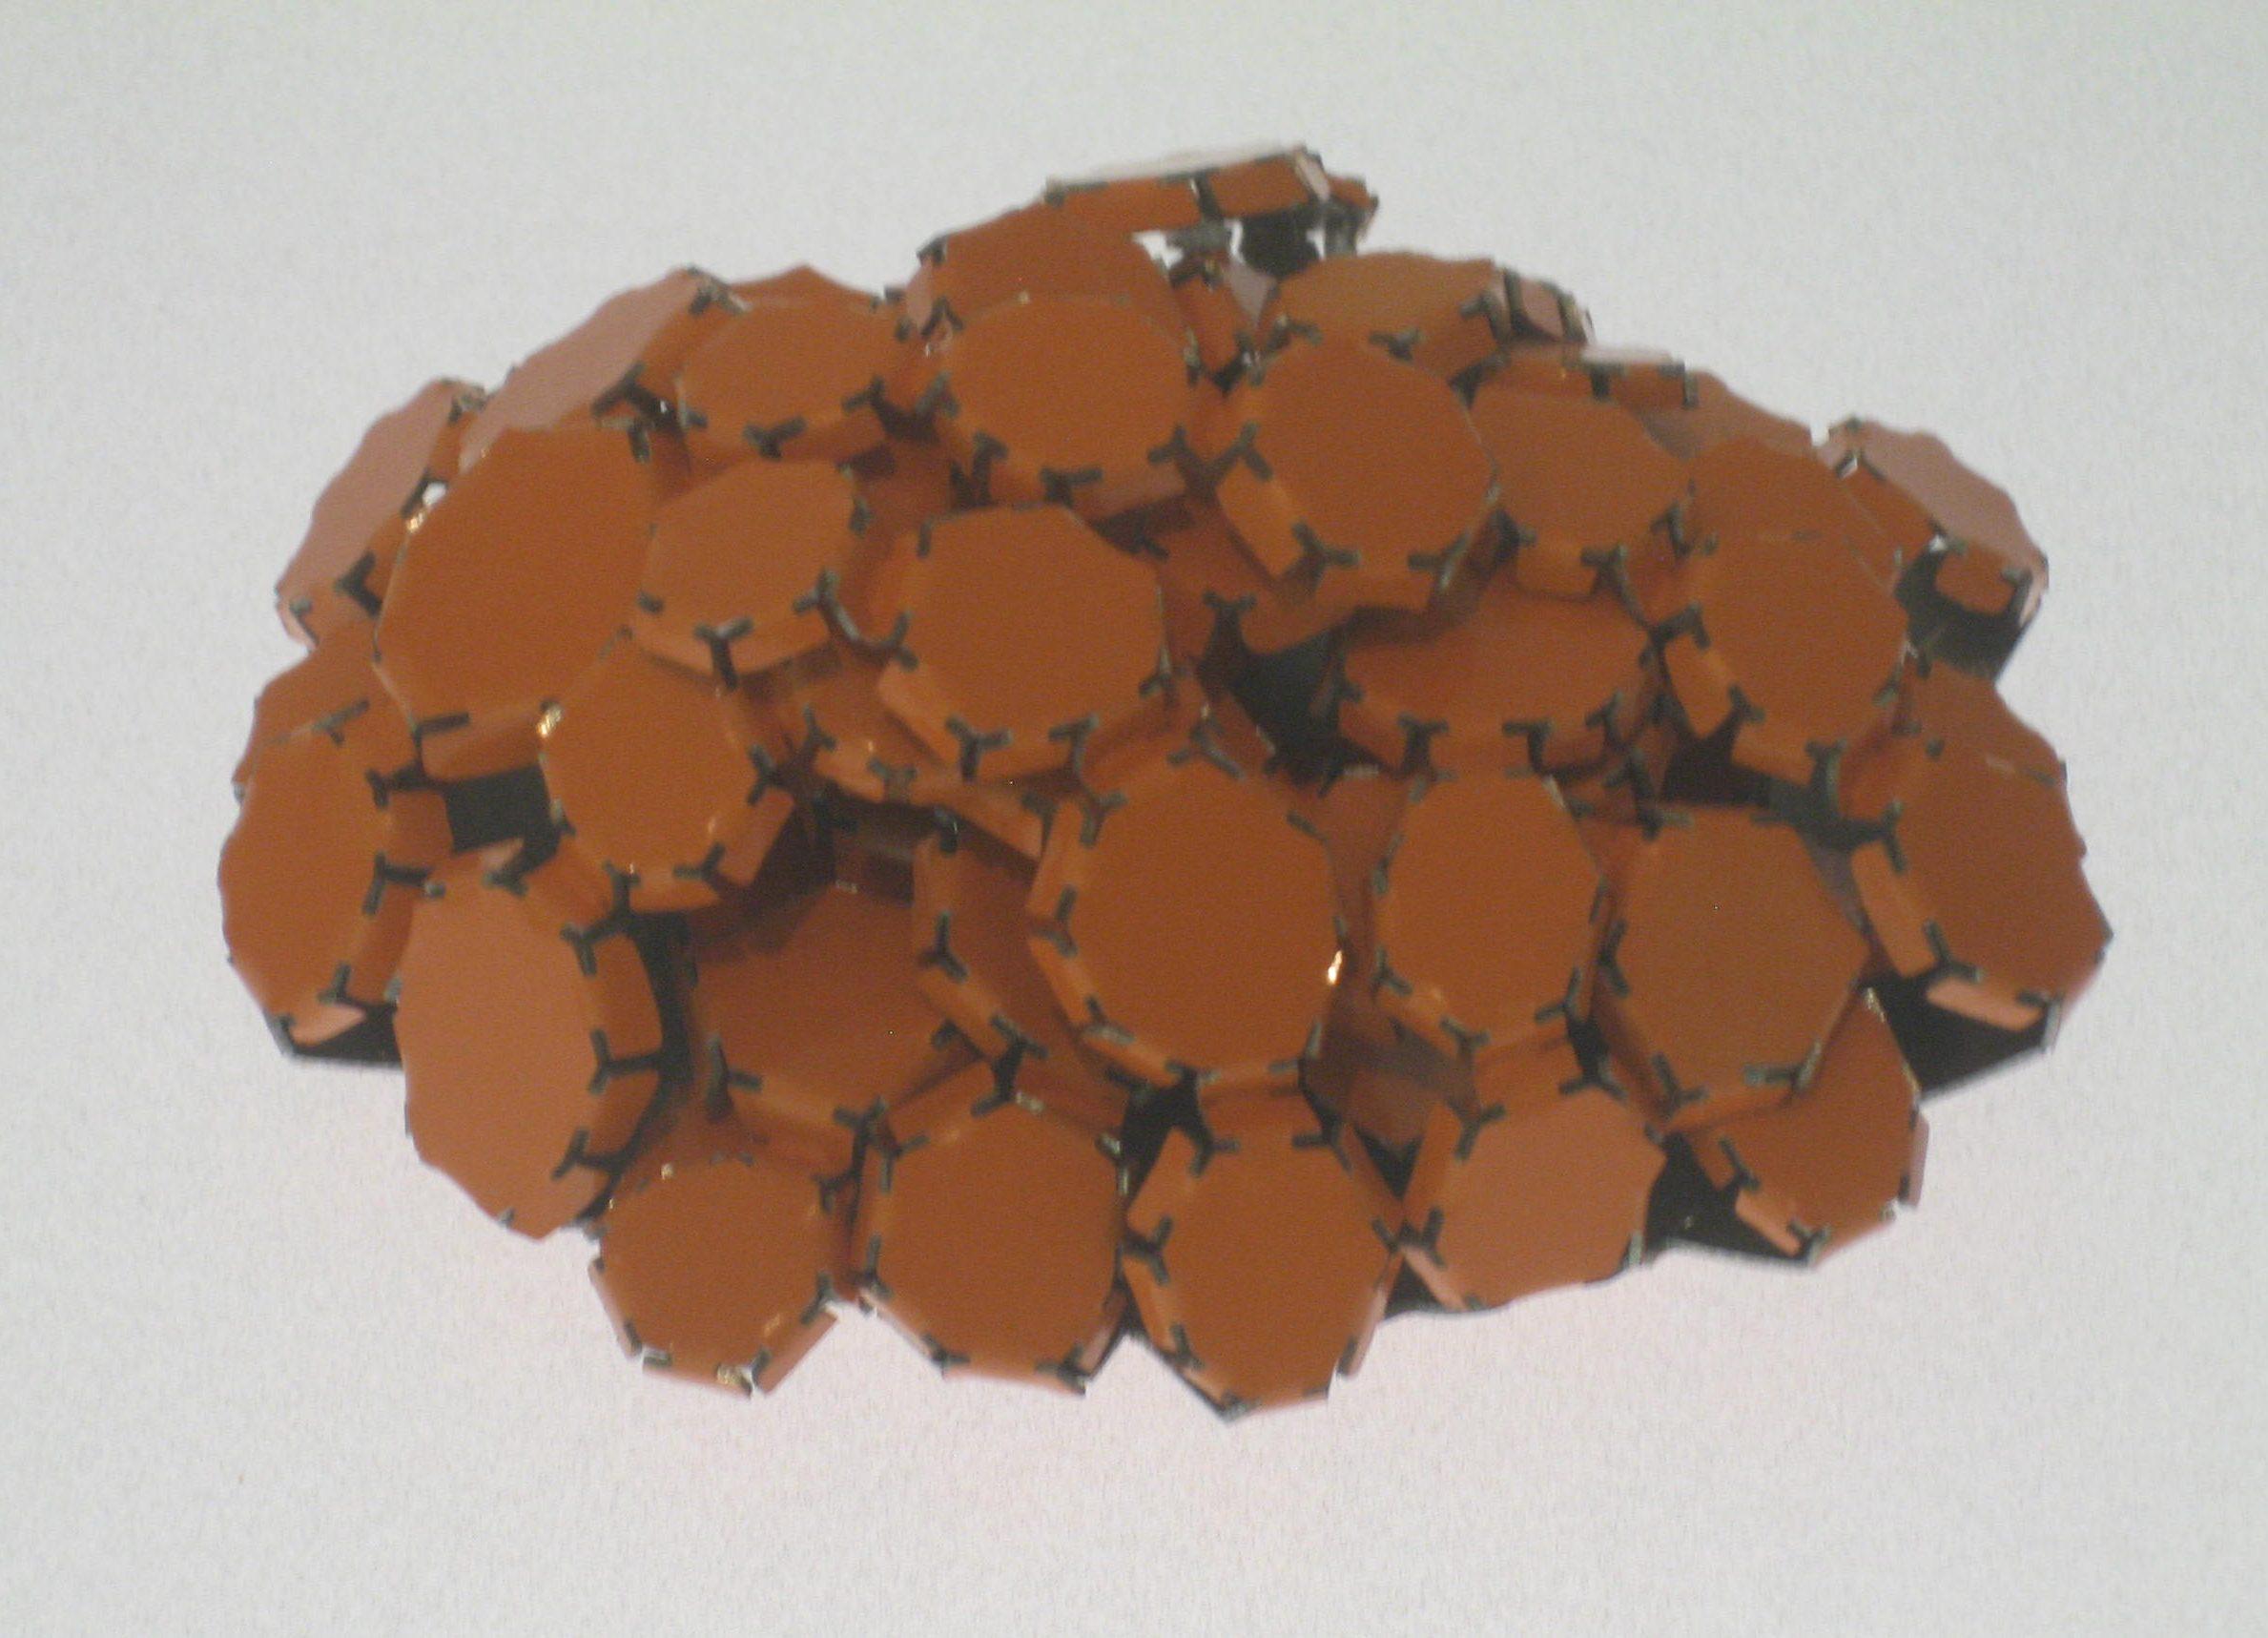 Mirjam Hiller, Ovalhaufen Orange, broche, 2009. Collectie Grassimuseum. Foto Esther Doornbusch, mei 2018, CC BY 4.0